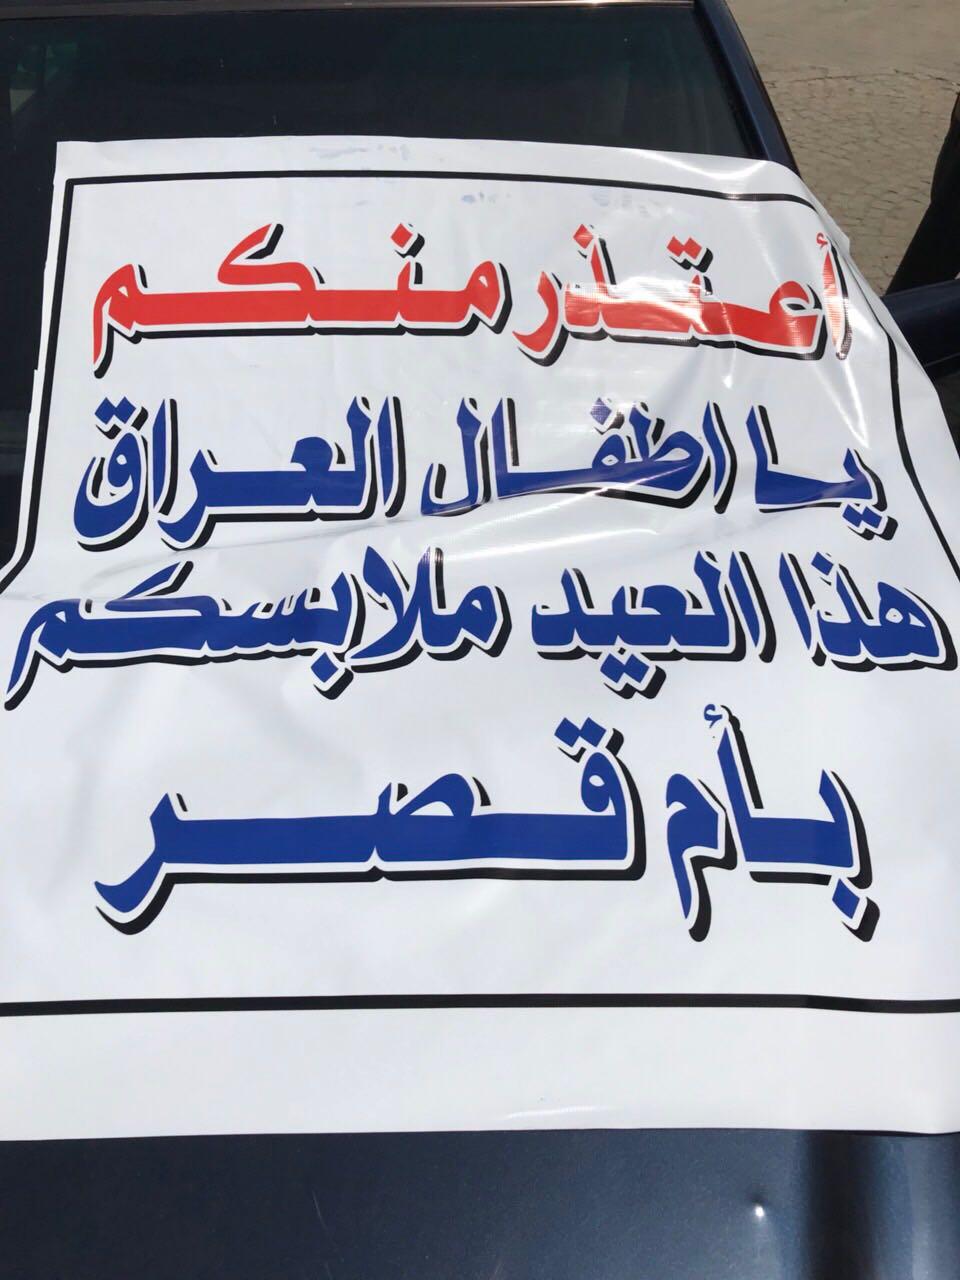 بالصور: تجار الشورجة يطالبون الحكومة بحل مشكلة الكمارك ويبعثون رسالة إلى أطفال الشعب العراقي؟